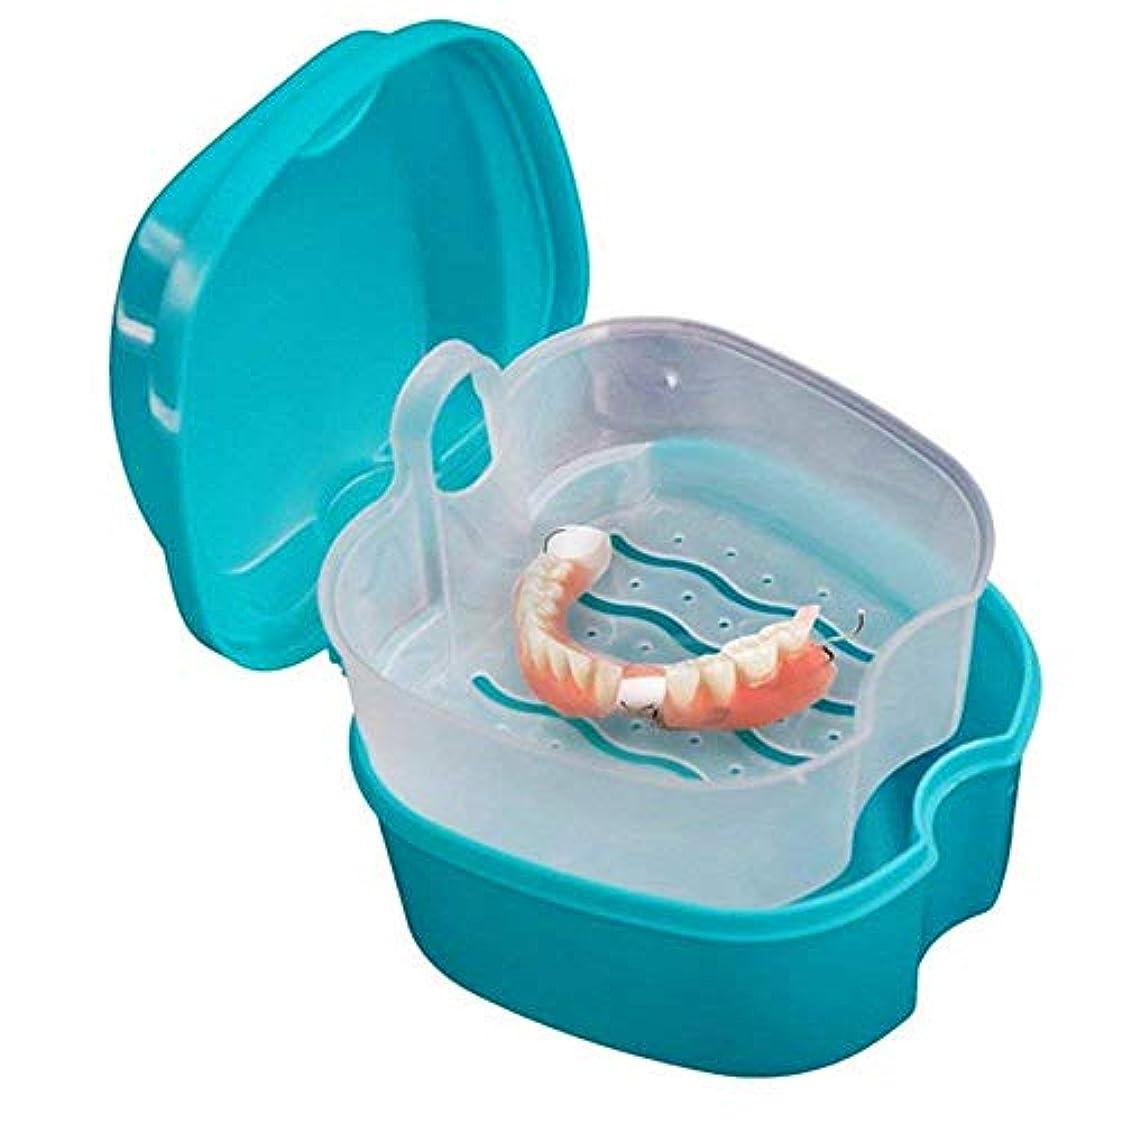 出くわす喉が渇いた人気のCoiTek 入れ歯ケース 義歯ケース 携帯 家庭旅行用 ストレーナー付き ブルー